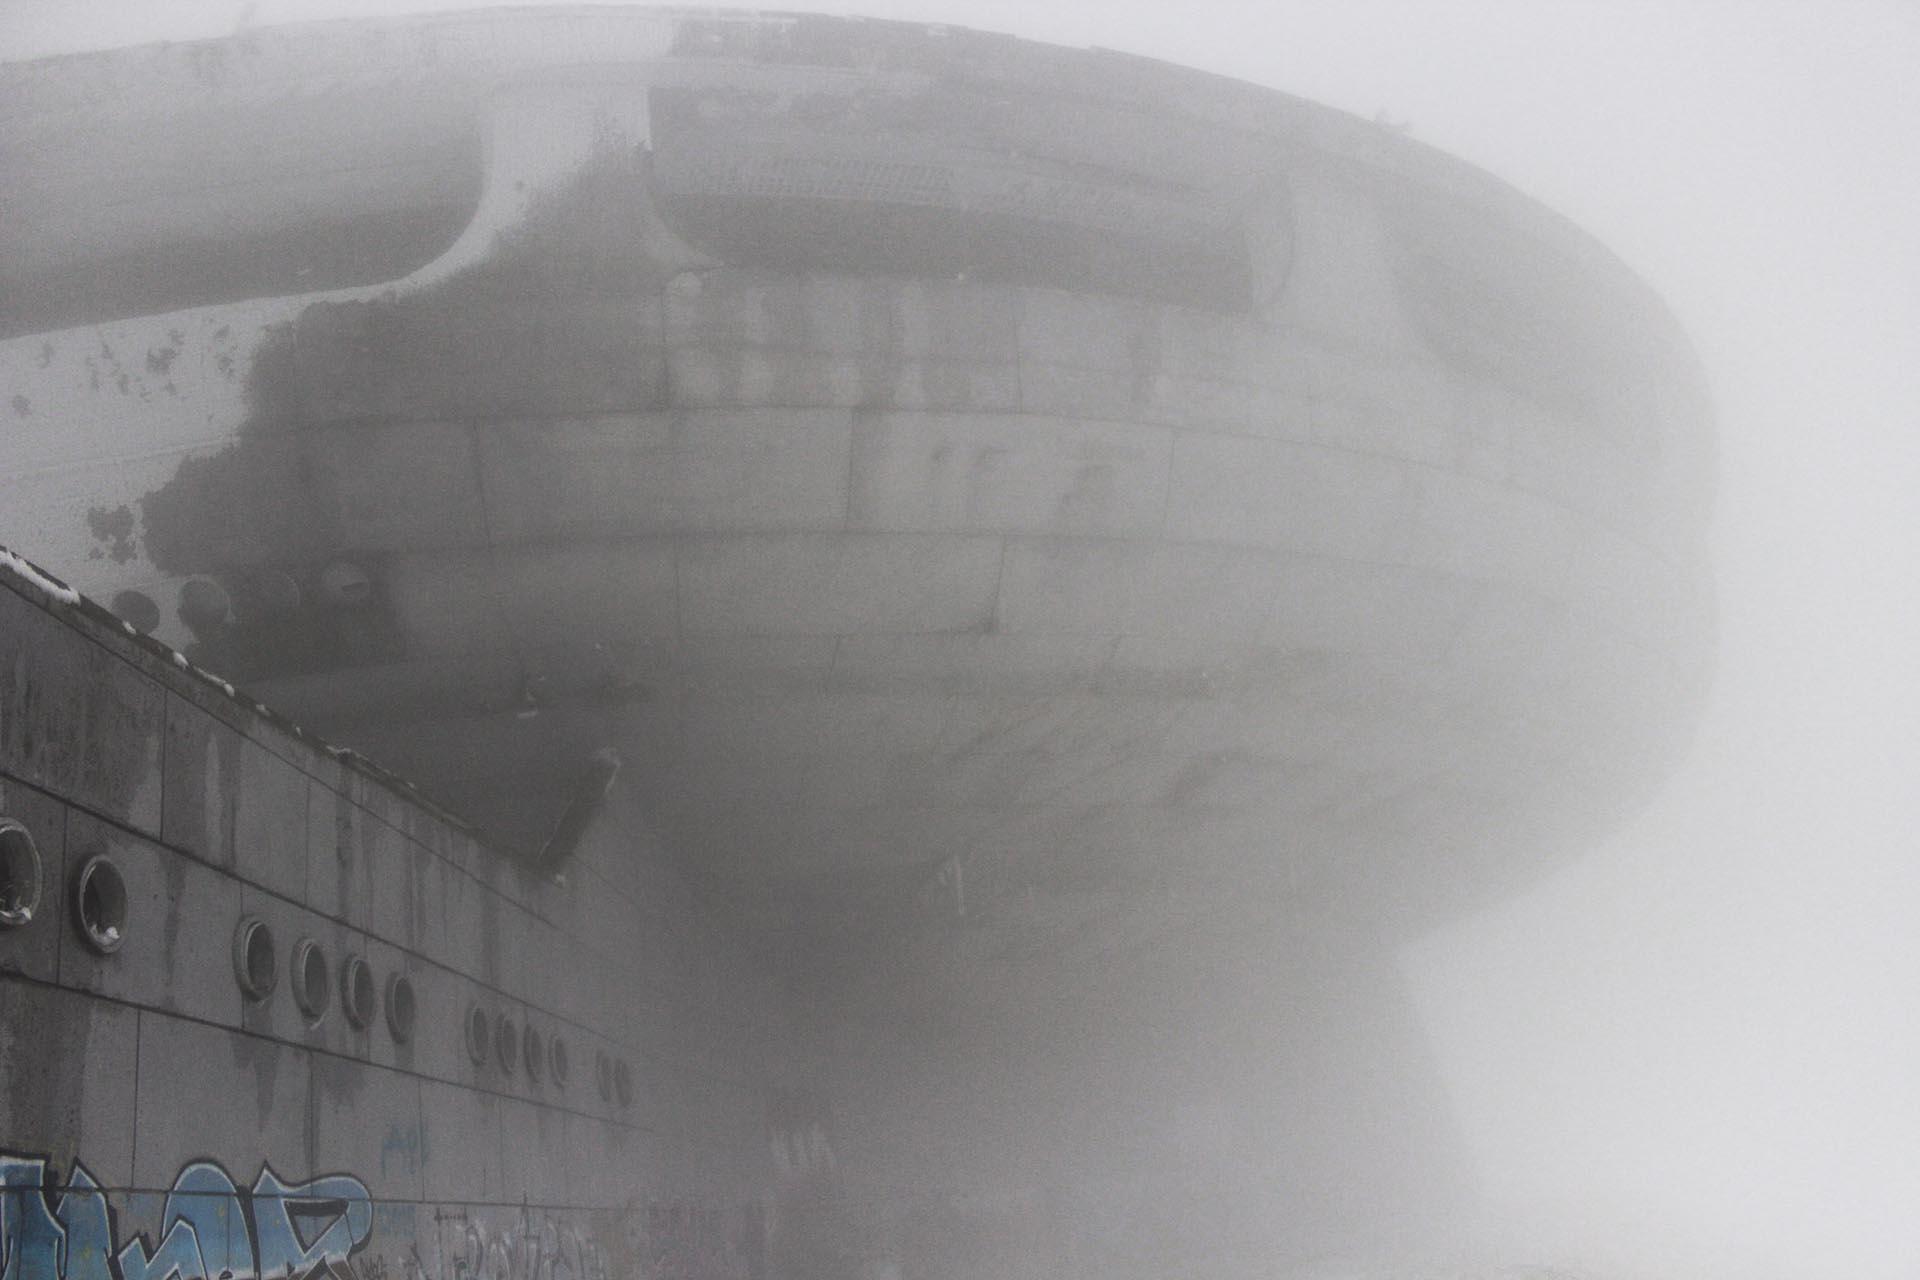 El OVNI es sitio de peregrinaje de turistas, a pesar de su total estado de abandono (Fotos: Ignacio Hutin)